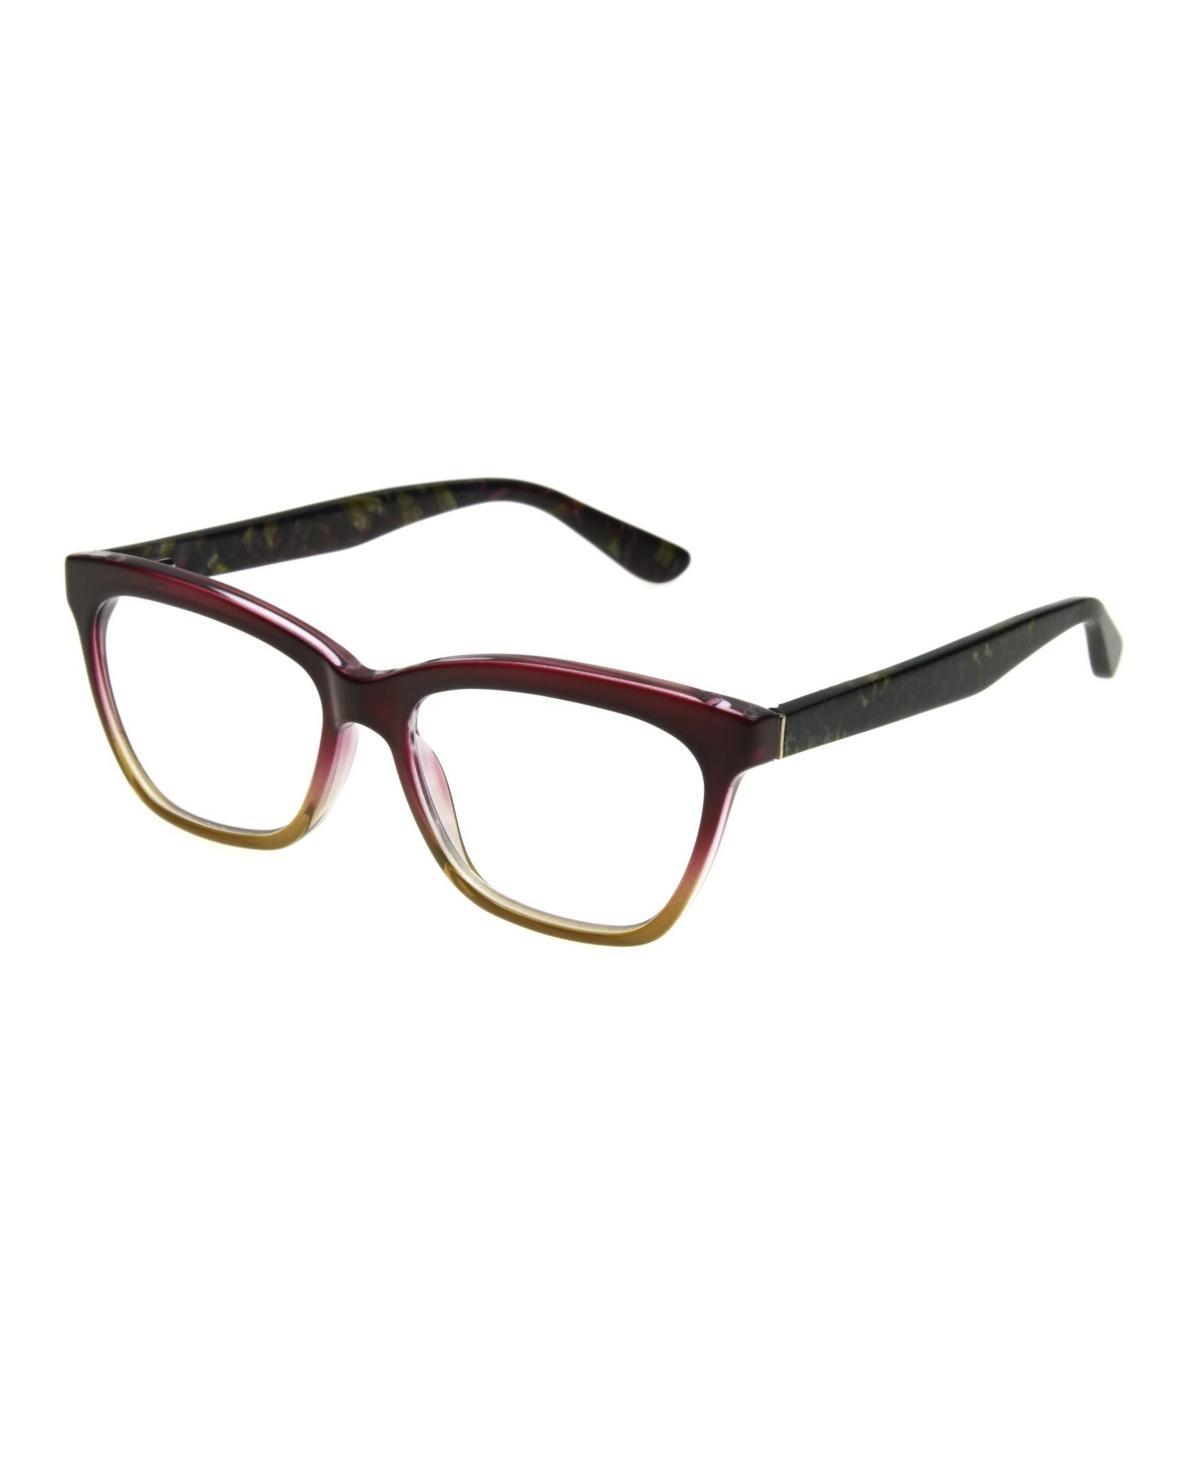 Foster Grant Kara Women's Cat Eye Reading Glasses